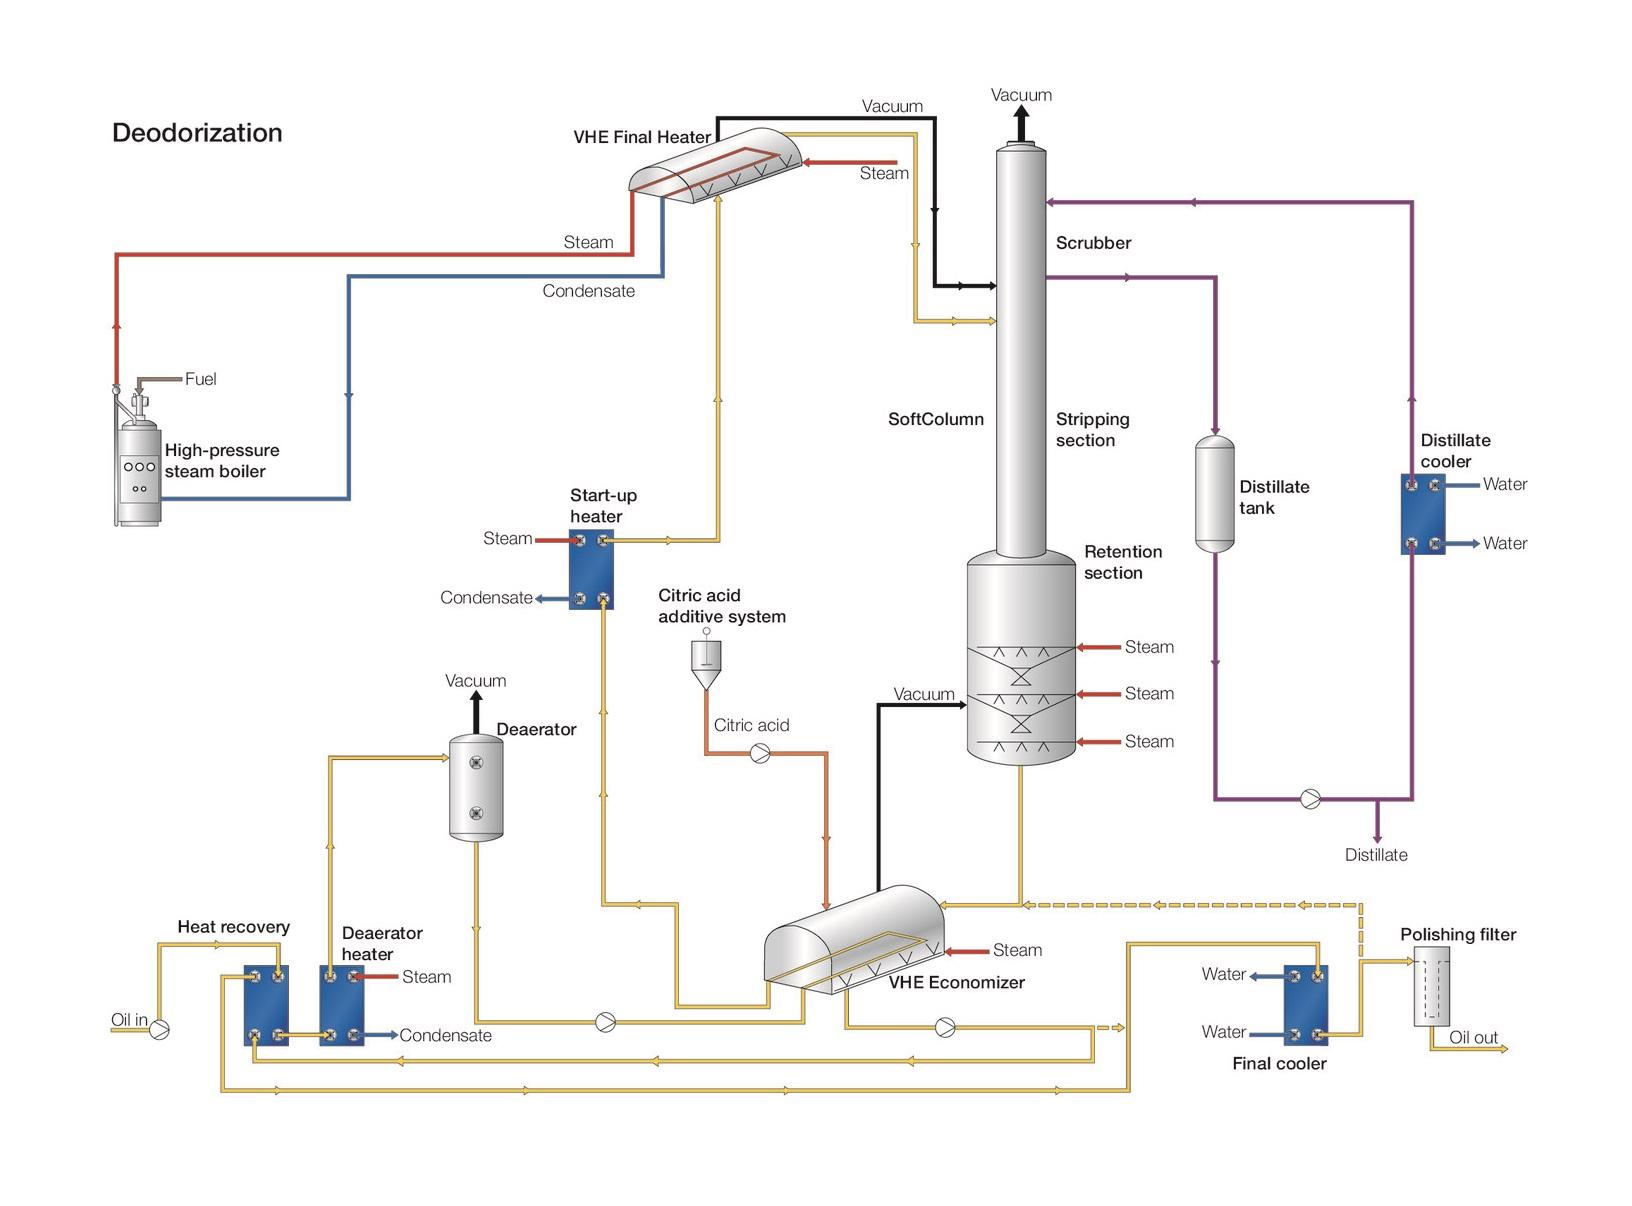 Alfa Laval deodorization process chart.jpg